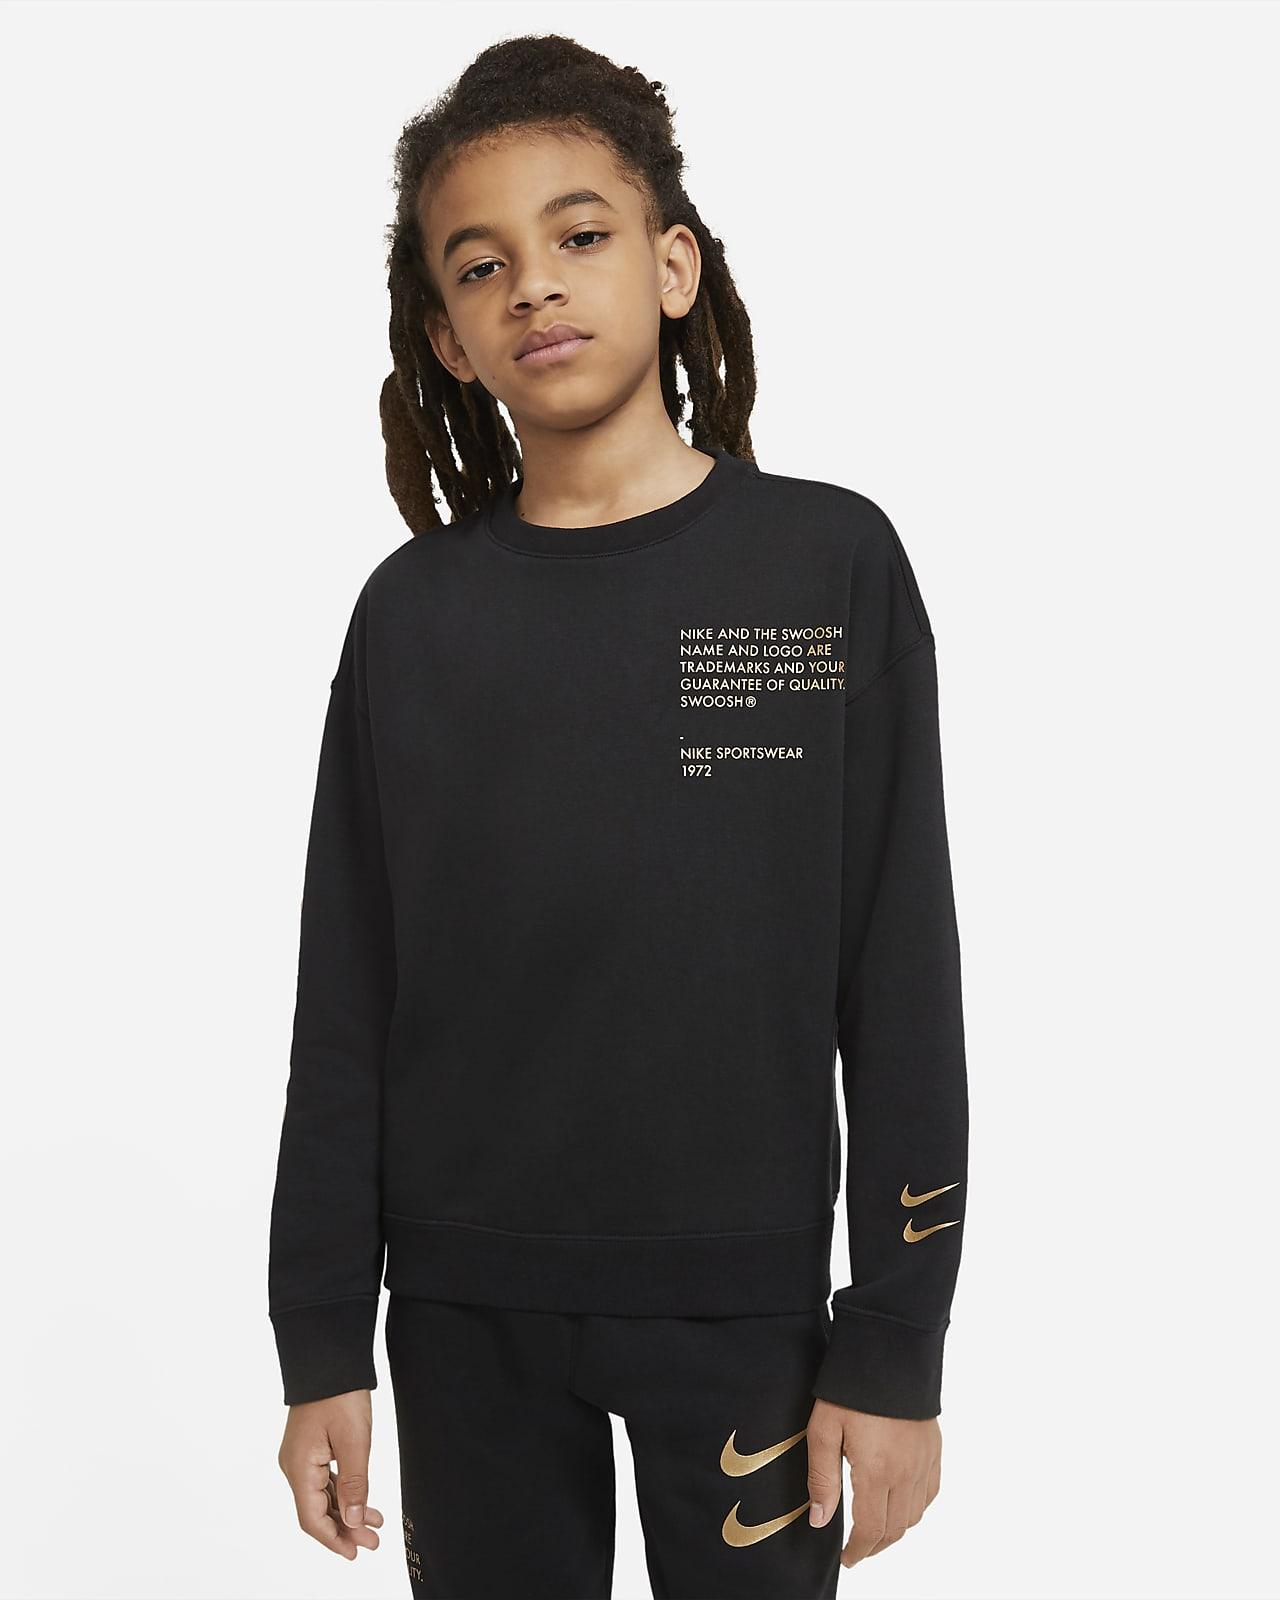 Nike Sportswear Rundhalsshirt mit Swoosh für ältere Kinder (Jungen)